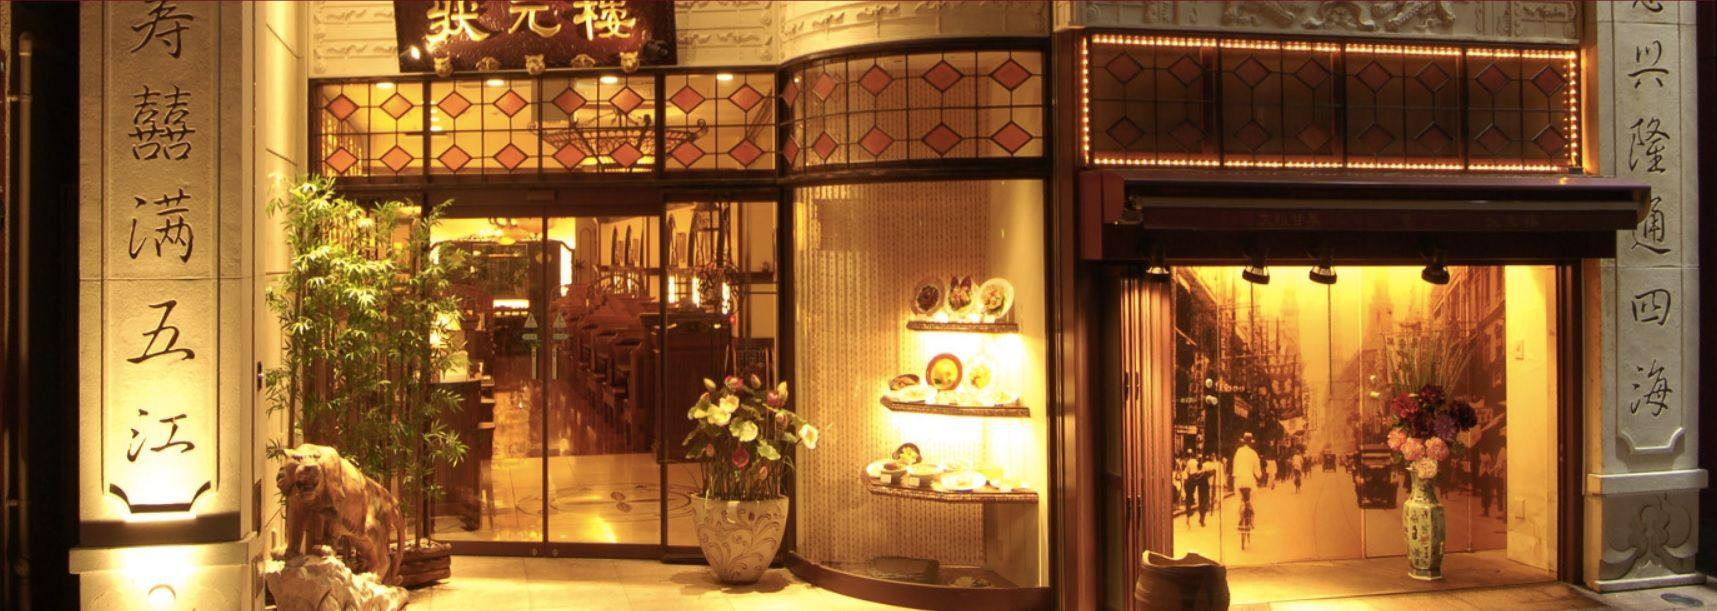 中華街にある、状元樓。 最高の上海を再現した空間とお料理の数々。 自由が丘店もあります。